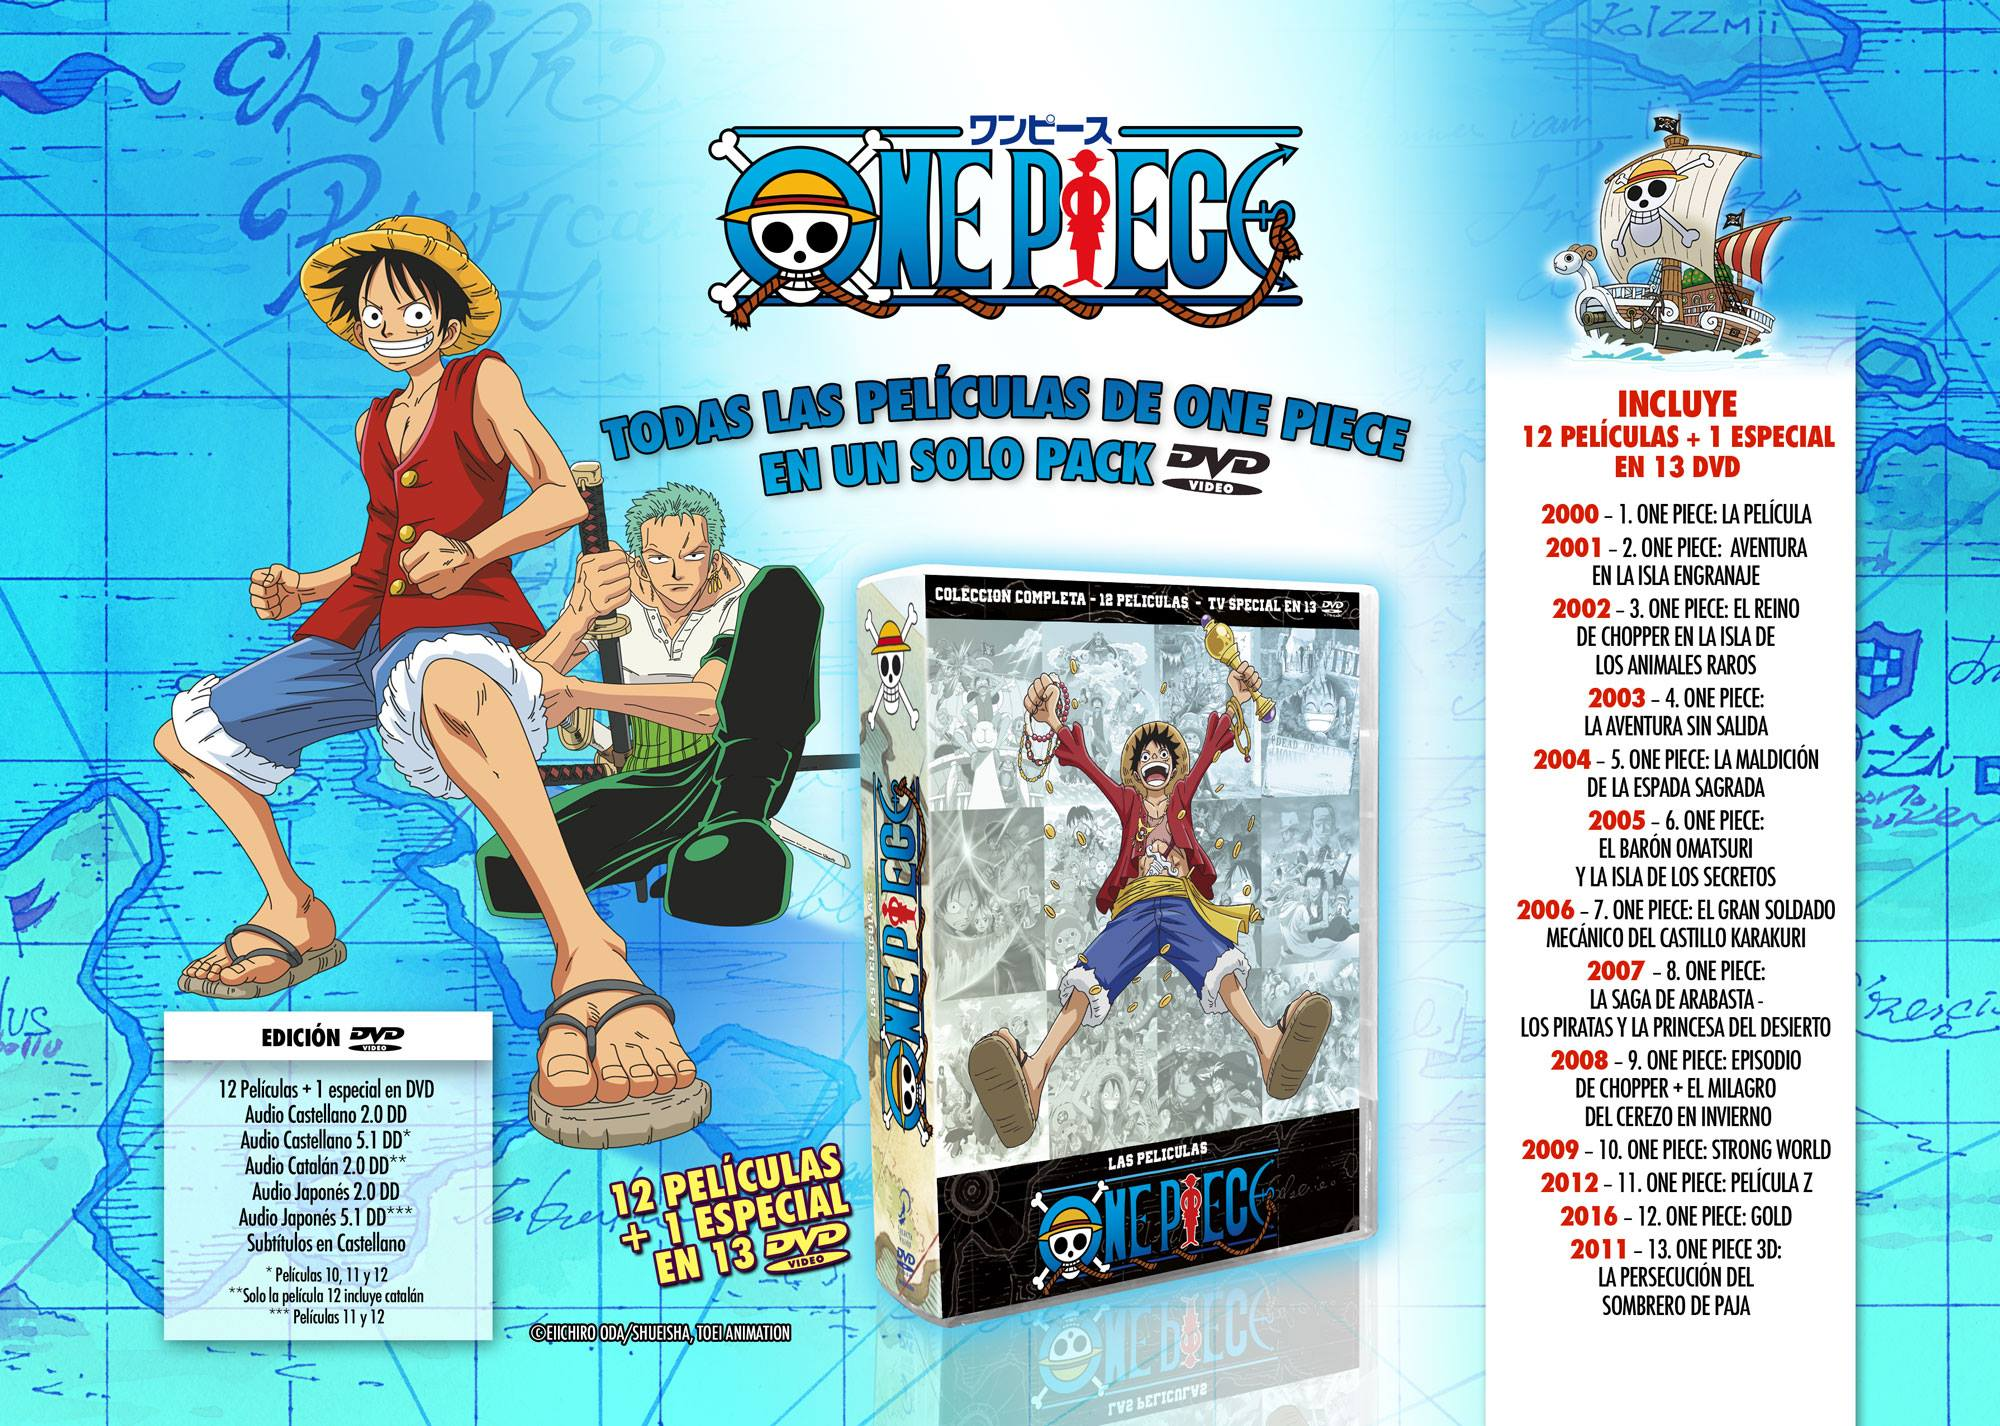 Todas las películas en pack DVD de One Piece a la venta el 17 de octubre